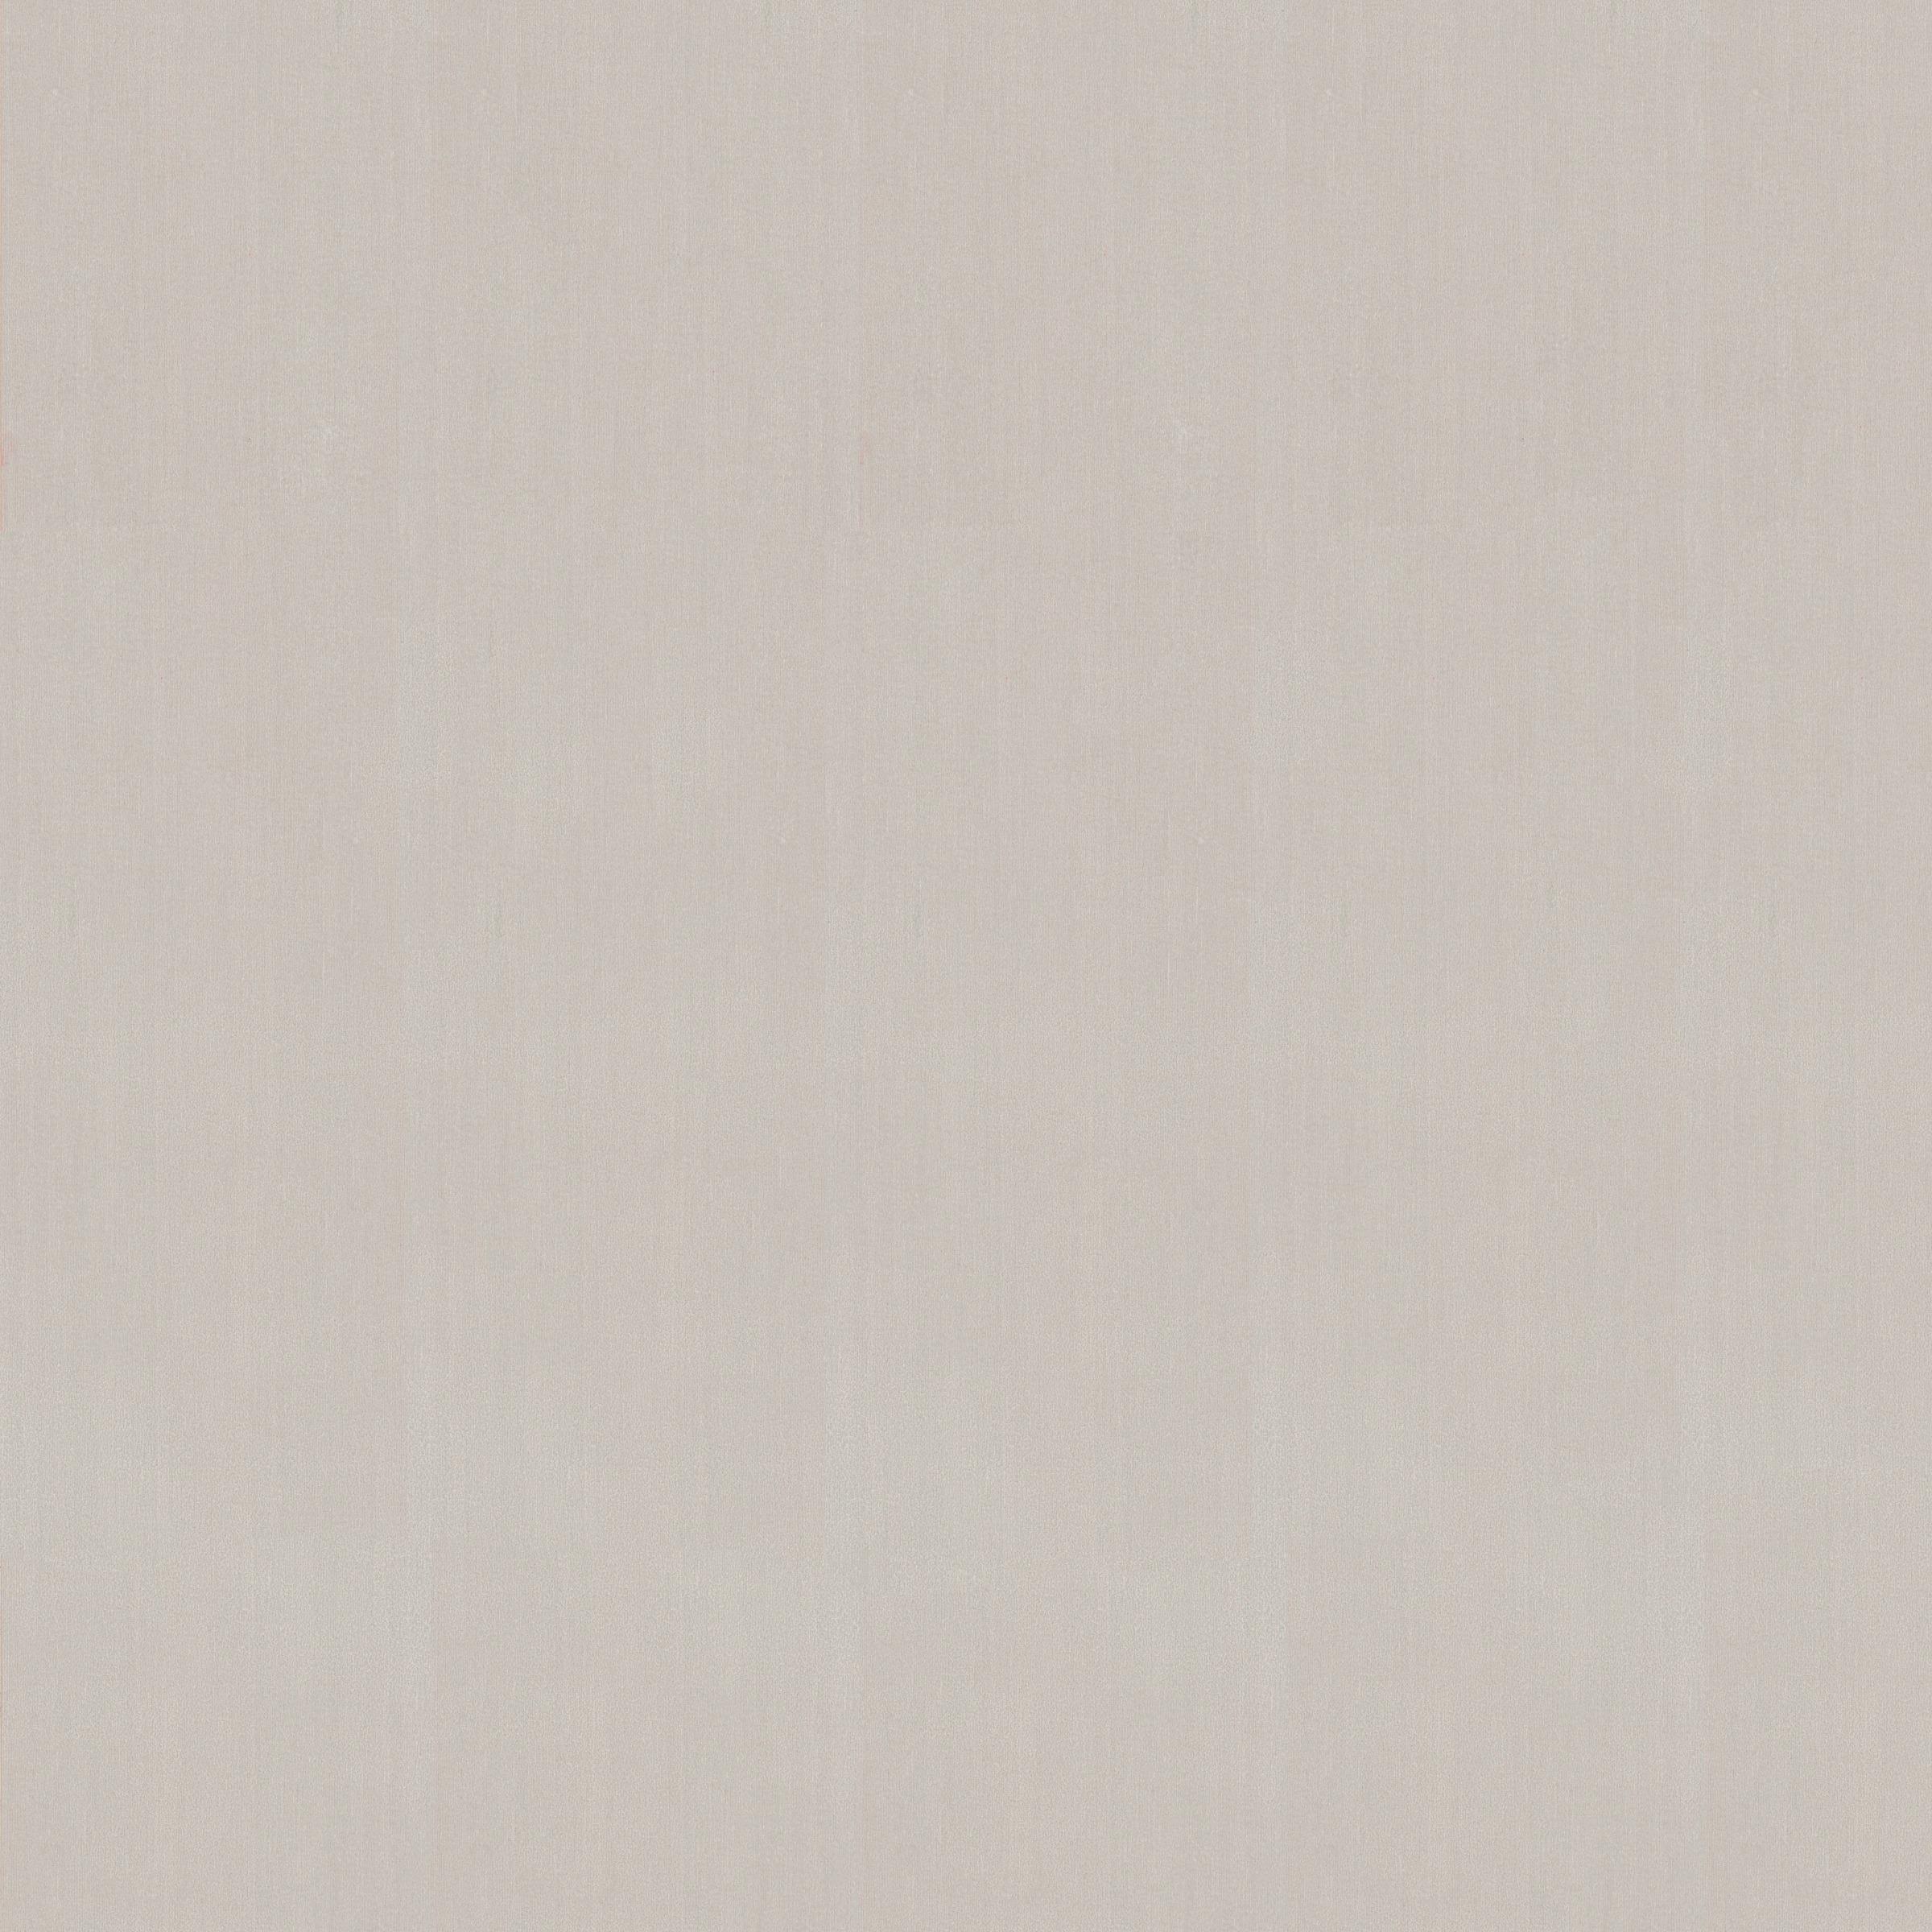 Gekleurd vliesbehang dessin linnen grijs 33 264 10 m x 52 cm behang verf behang - Grijs gekleurd ...